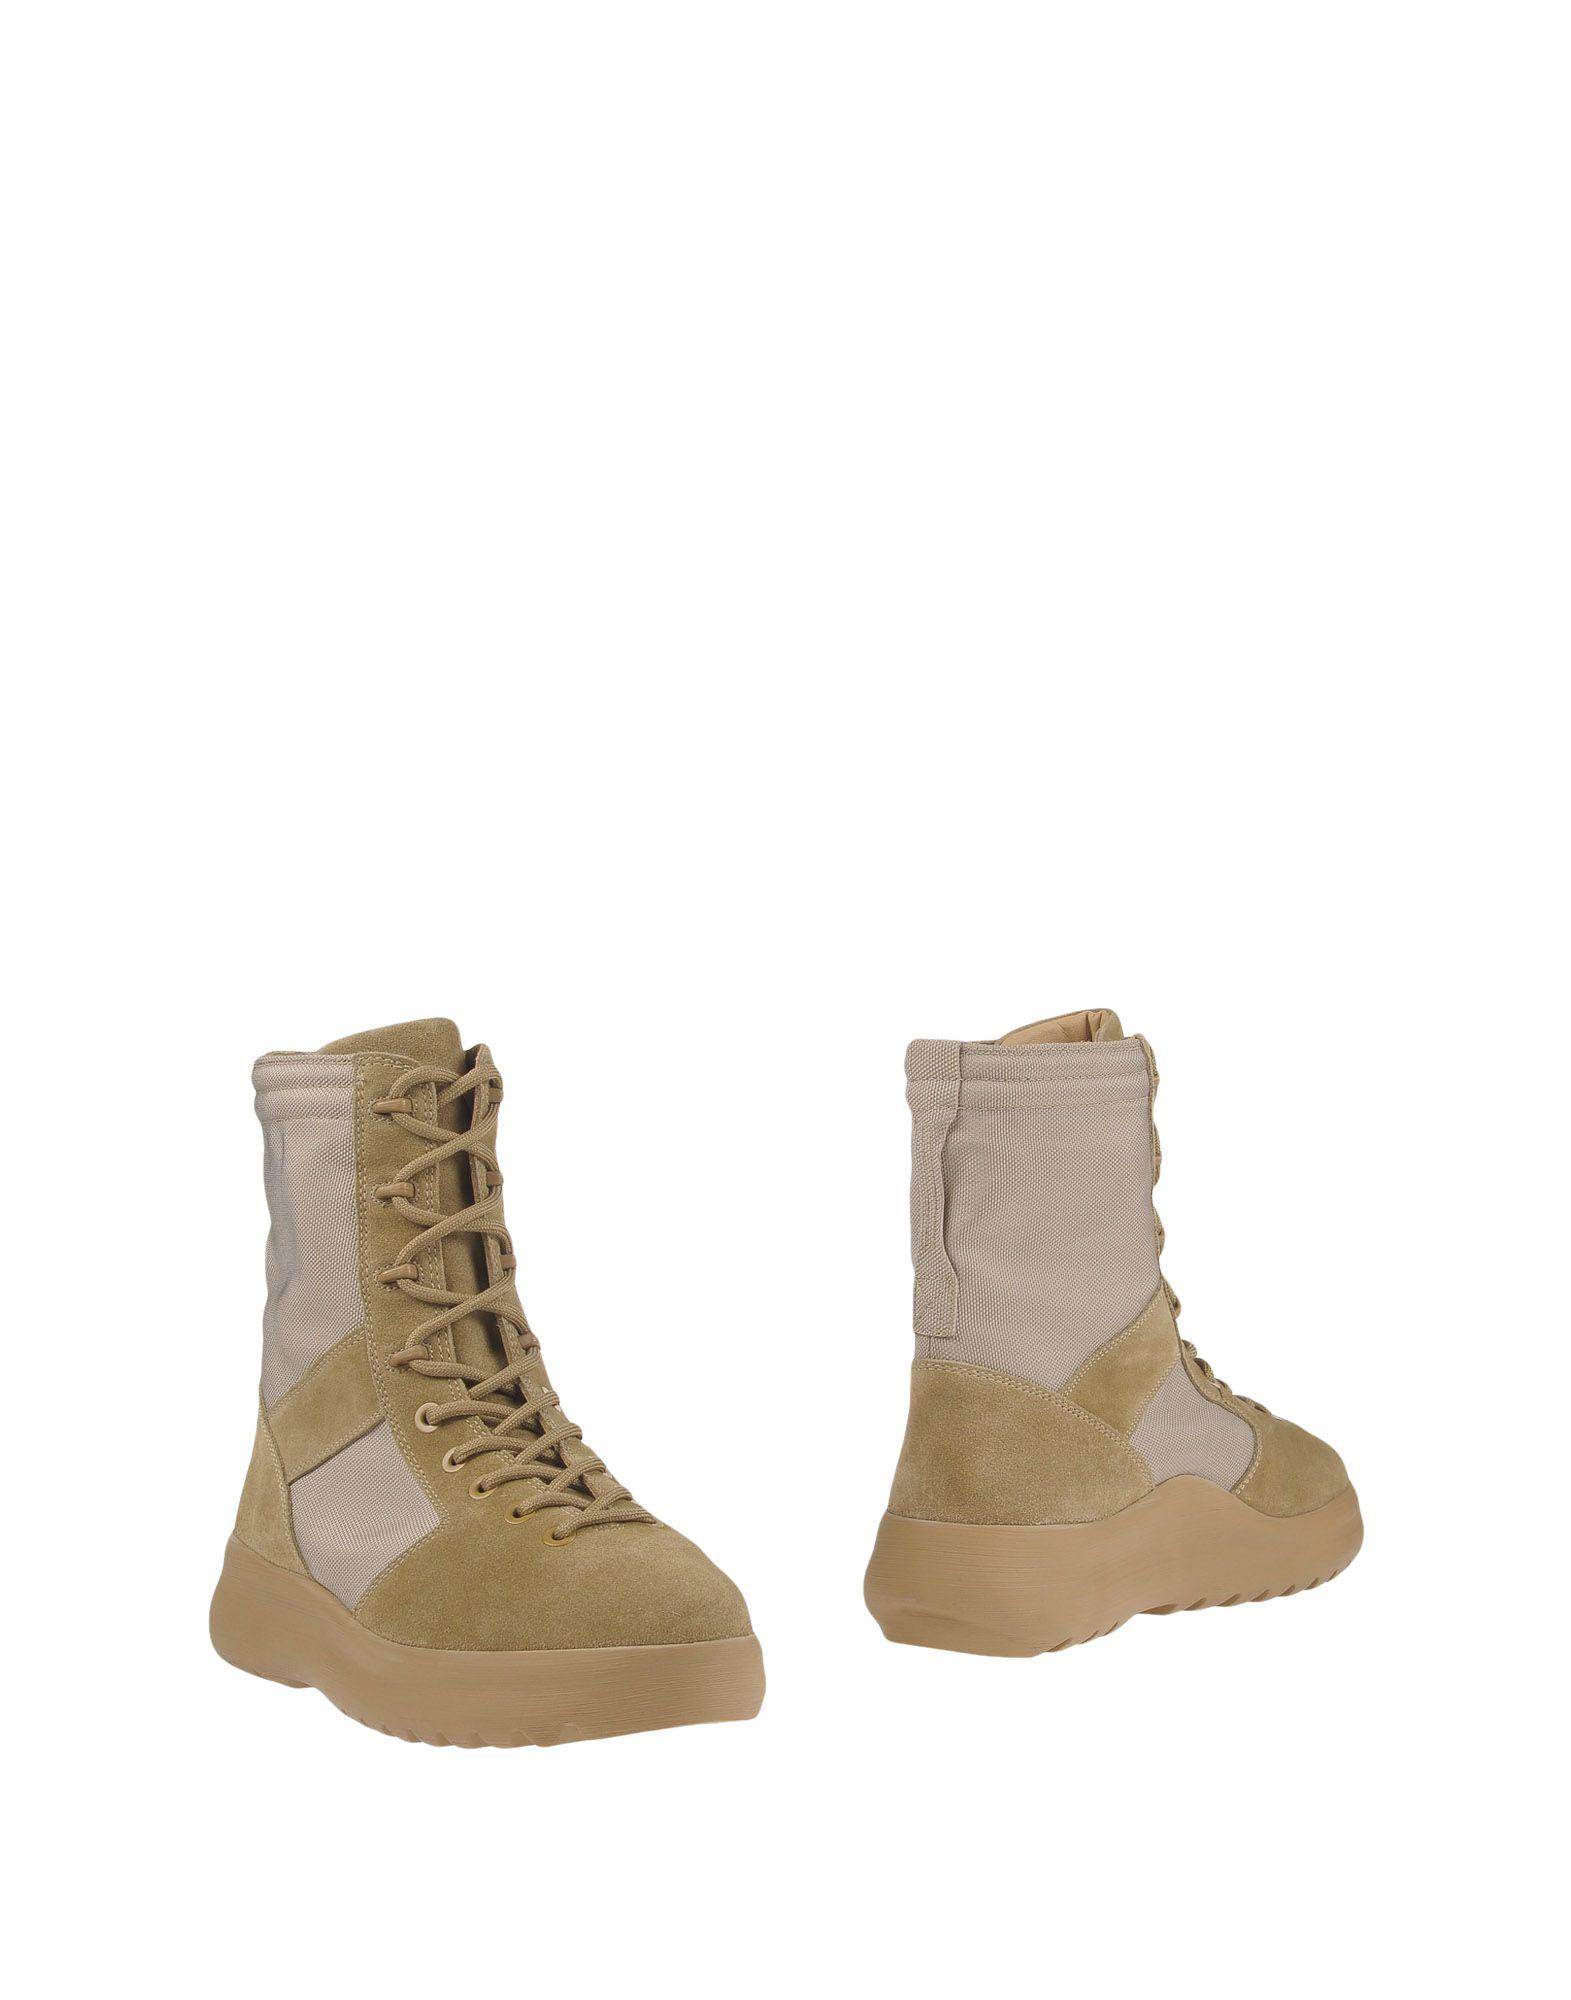 Yeezy Sneakers Herren  11278993JV Gute Qualität beliebte Schuhe